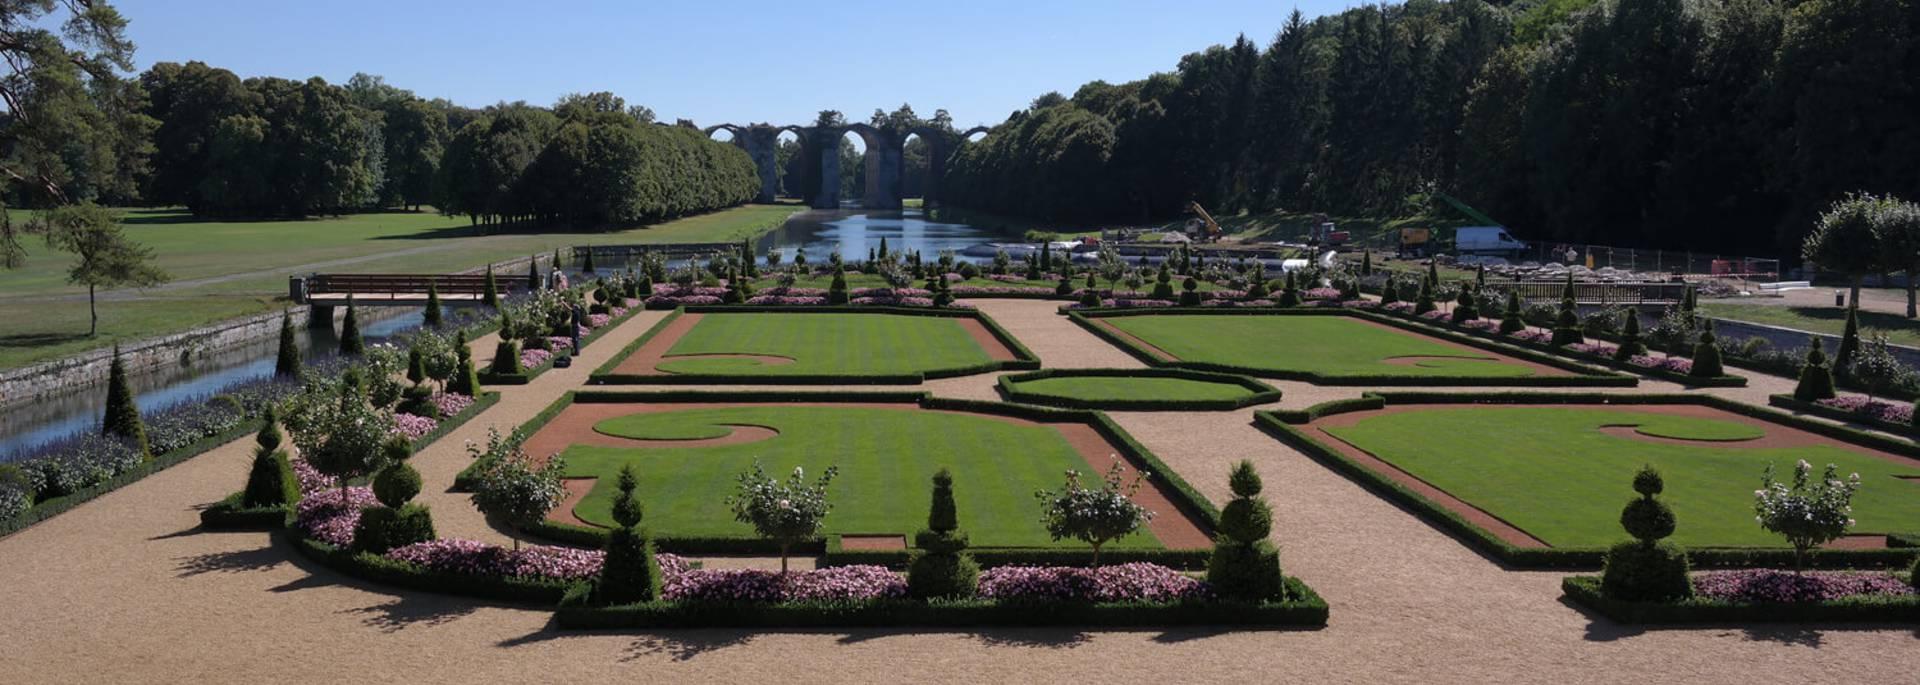 Parc du château de Maintenon